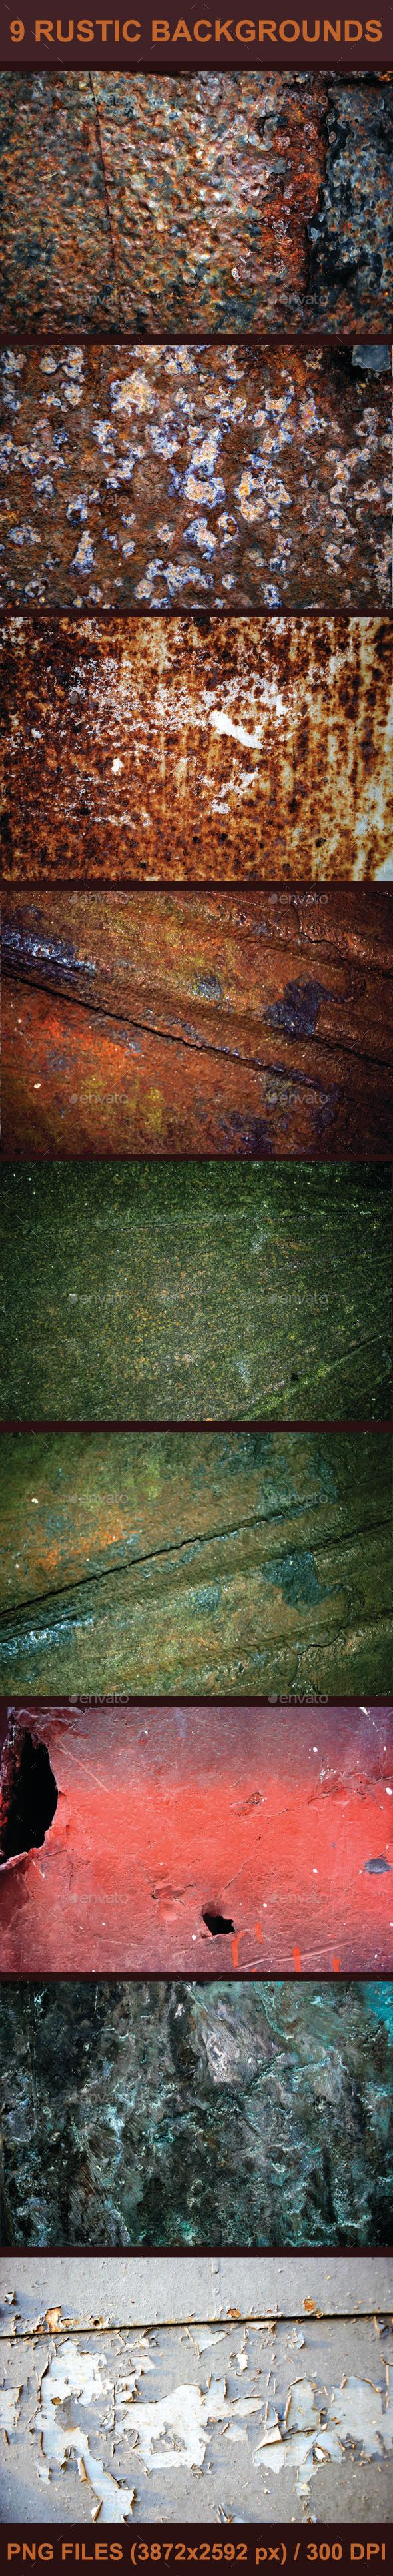 9 Rustic Backgrounds - Metal Textures